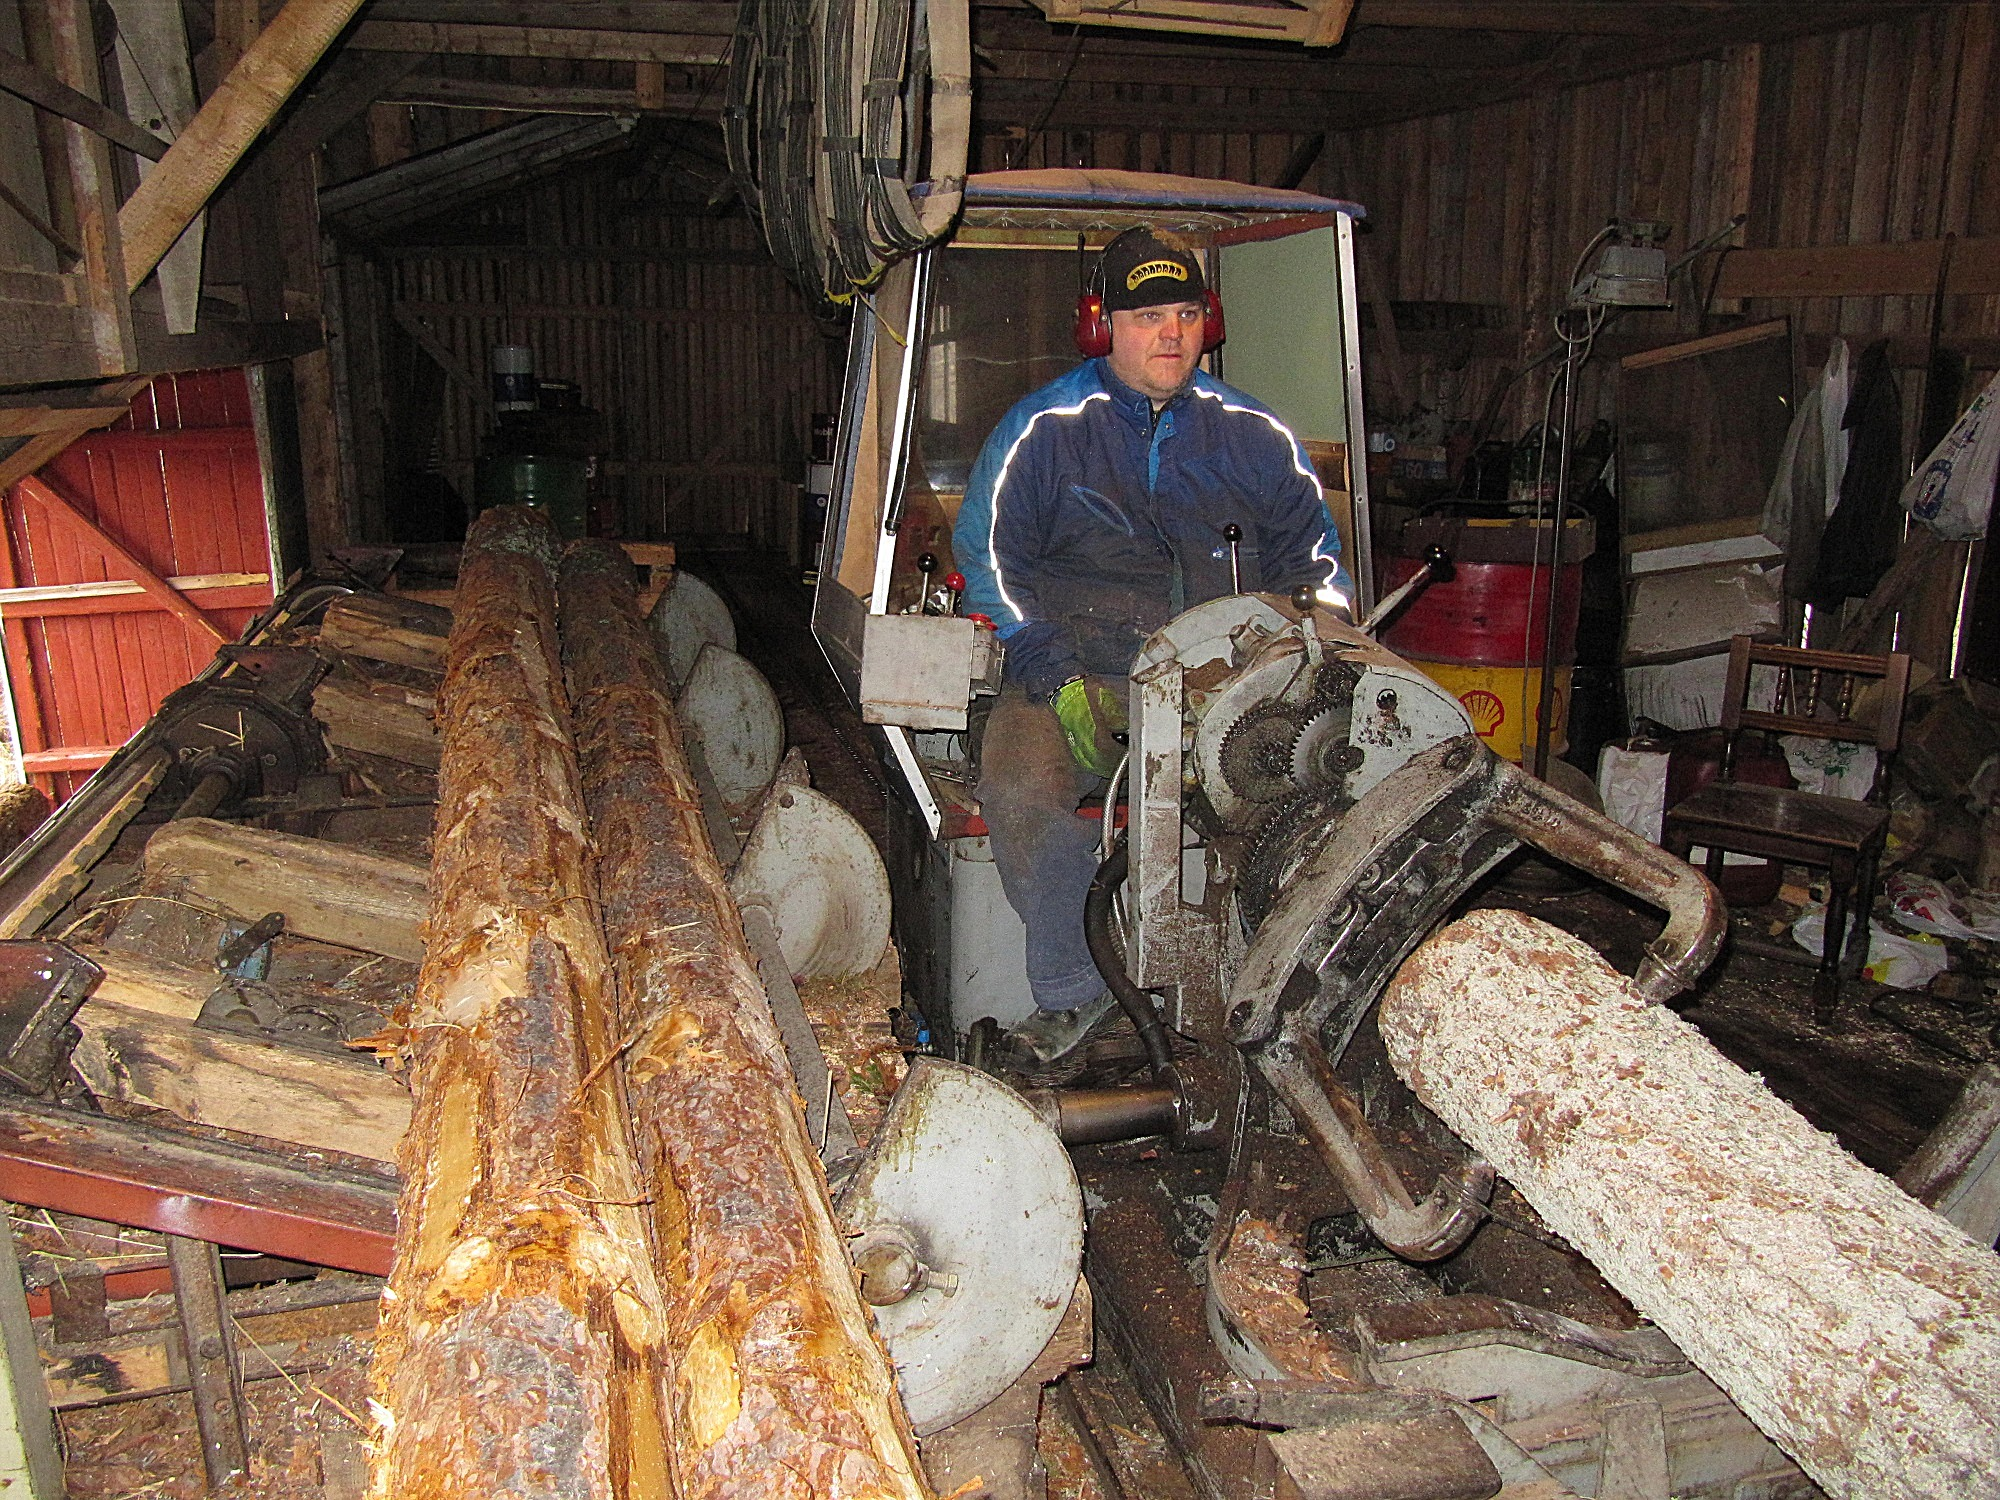 Här ser vi att Mikael är koncentrerad på att få stocken att gå rätt in i ramen, för att få bästa möjliga kvalitet på bräderna och plankorna.